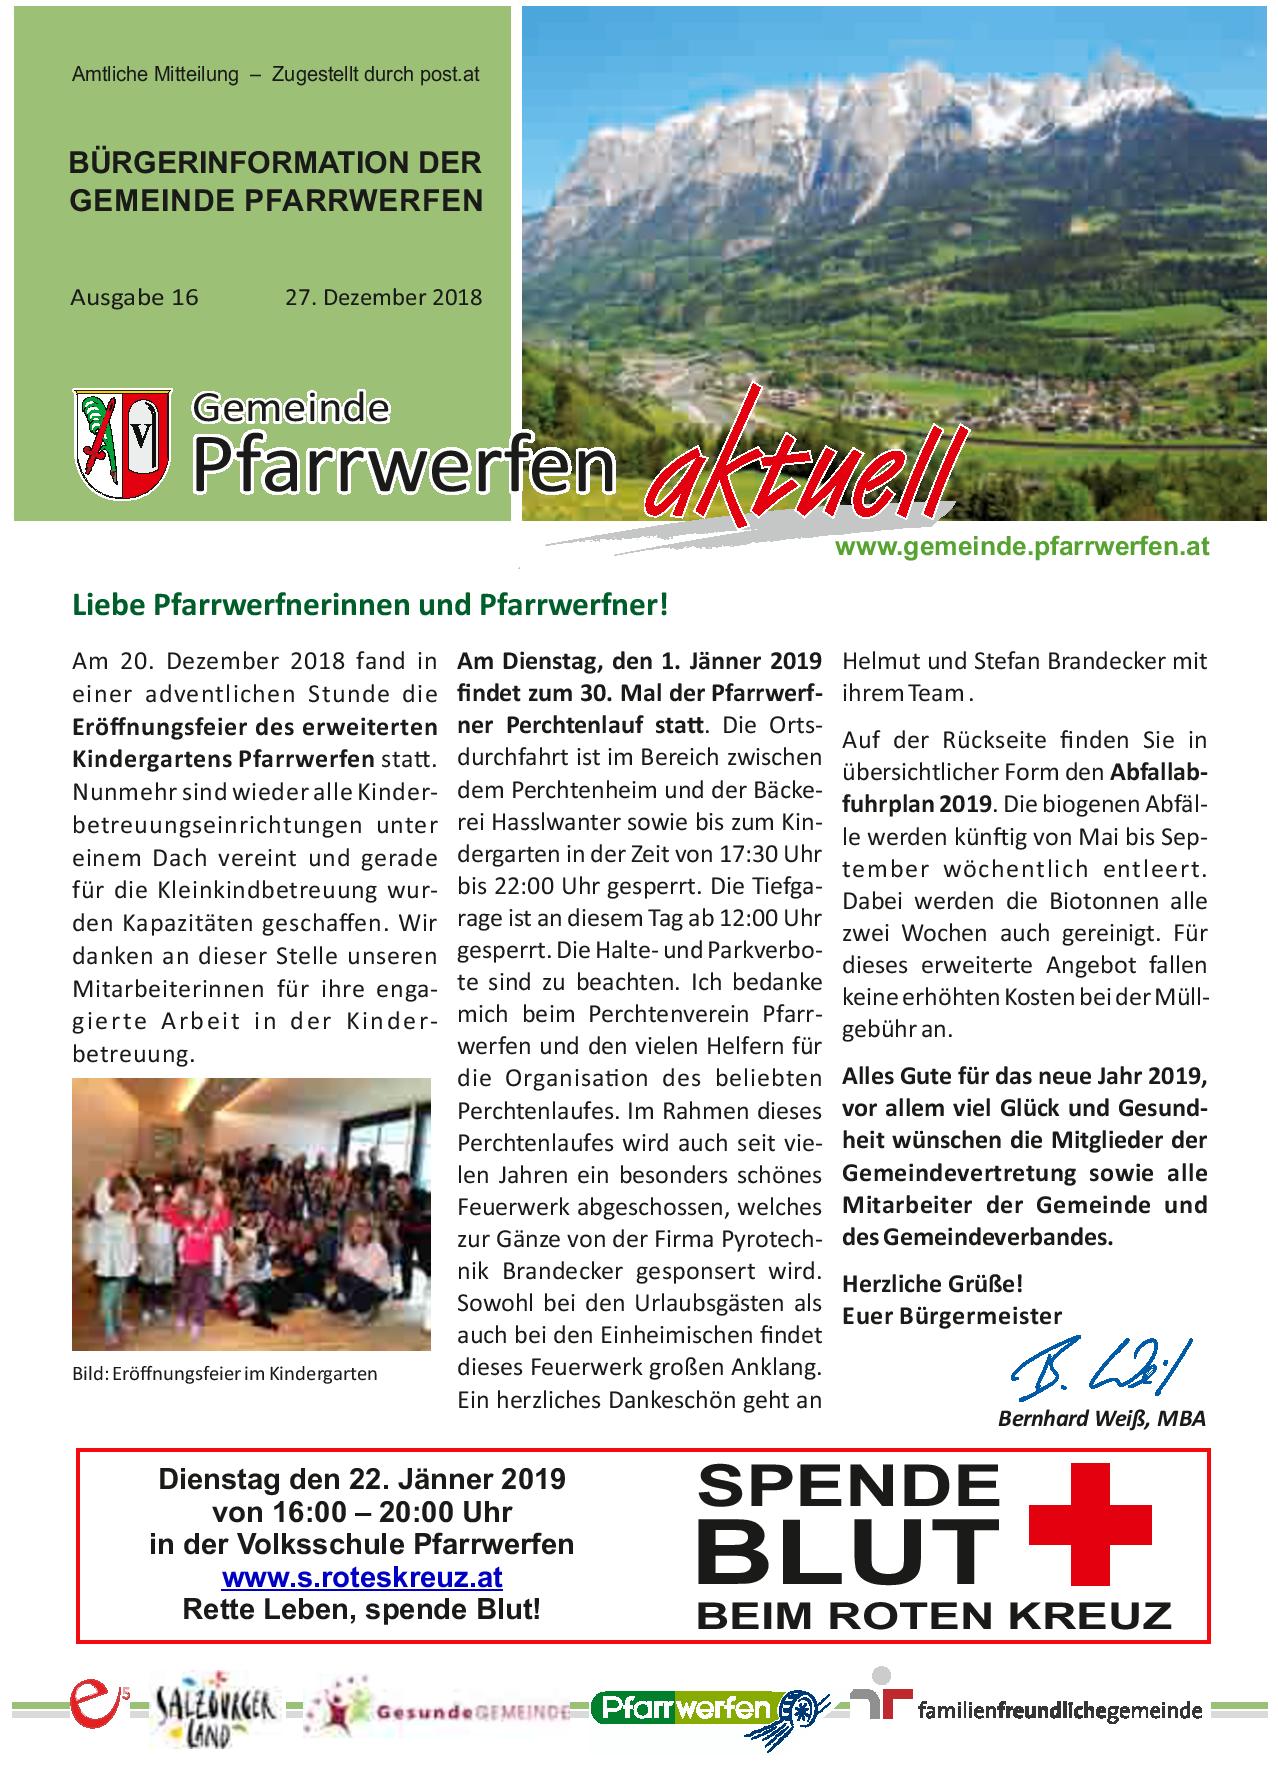 Bürgerinformation Ausgabe 162018 Gemeinde Pfarrwerfen